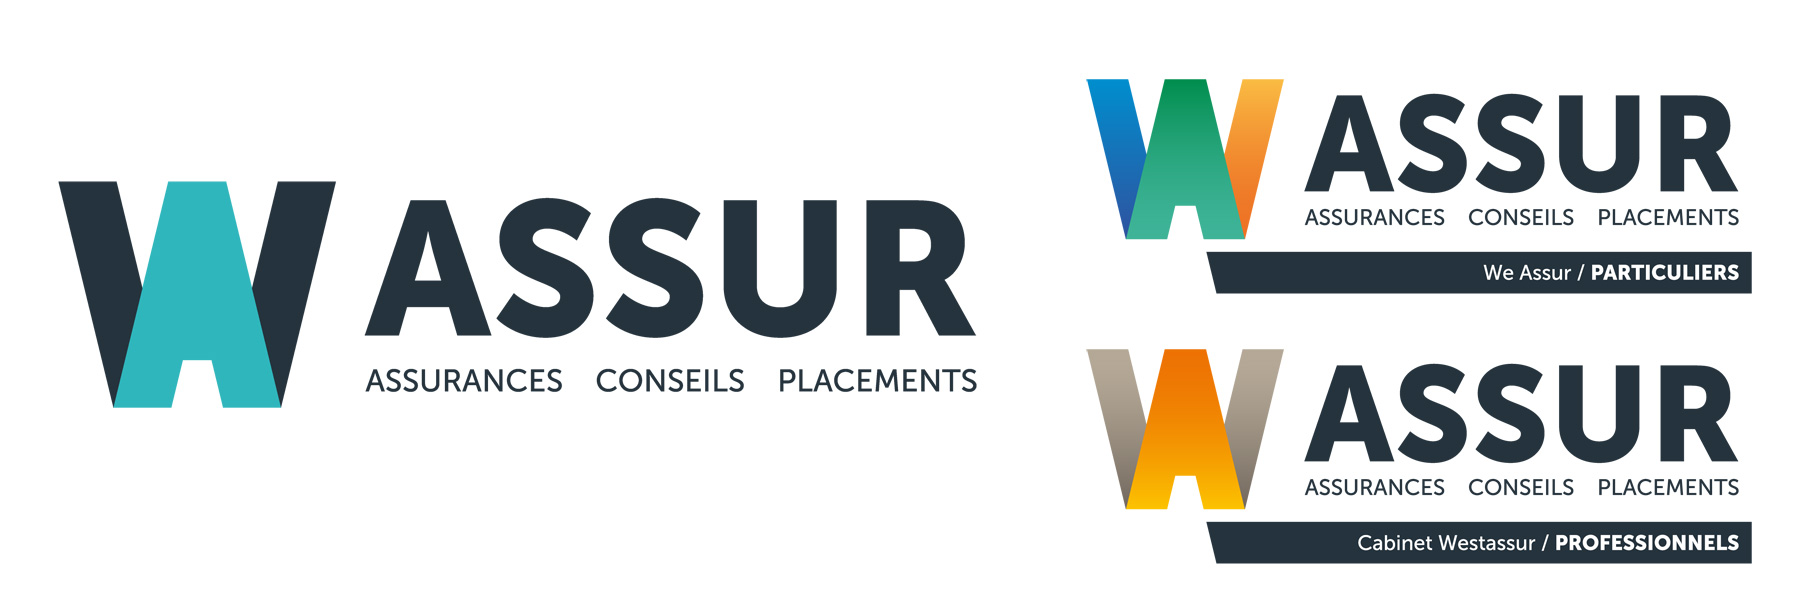 W ASSUR Westassur We Assur - 44 assurances Cabinet d'assurances 44 85